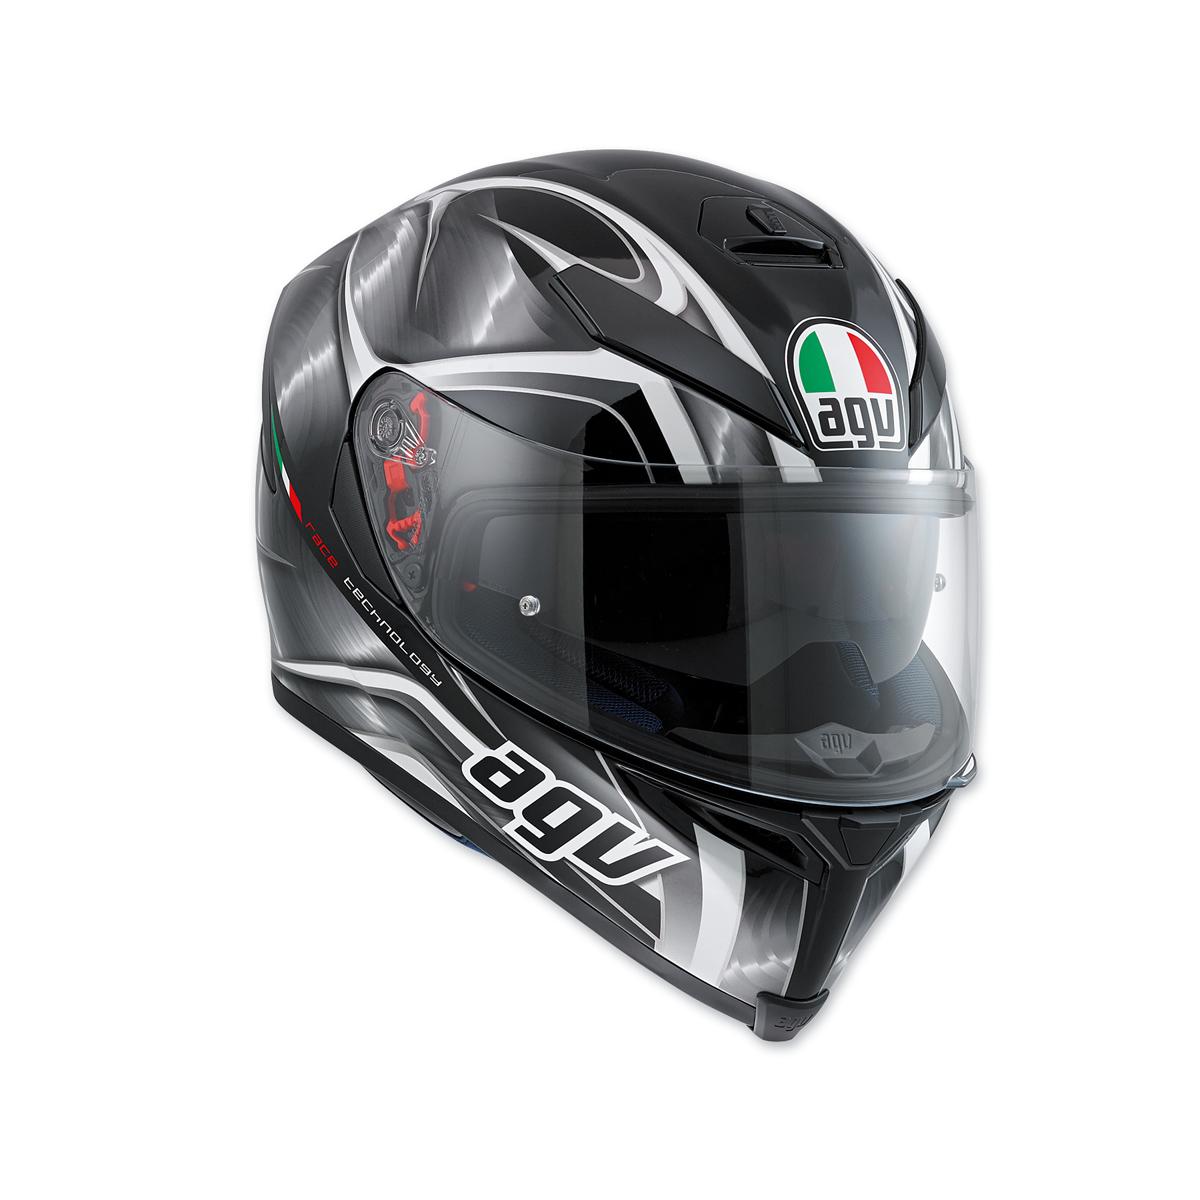 AGV K-5 S Hurricane Black/Gray Full Face Helmet